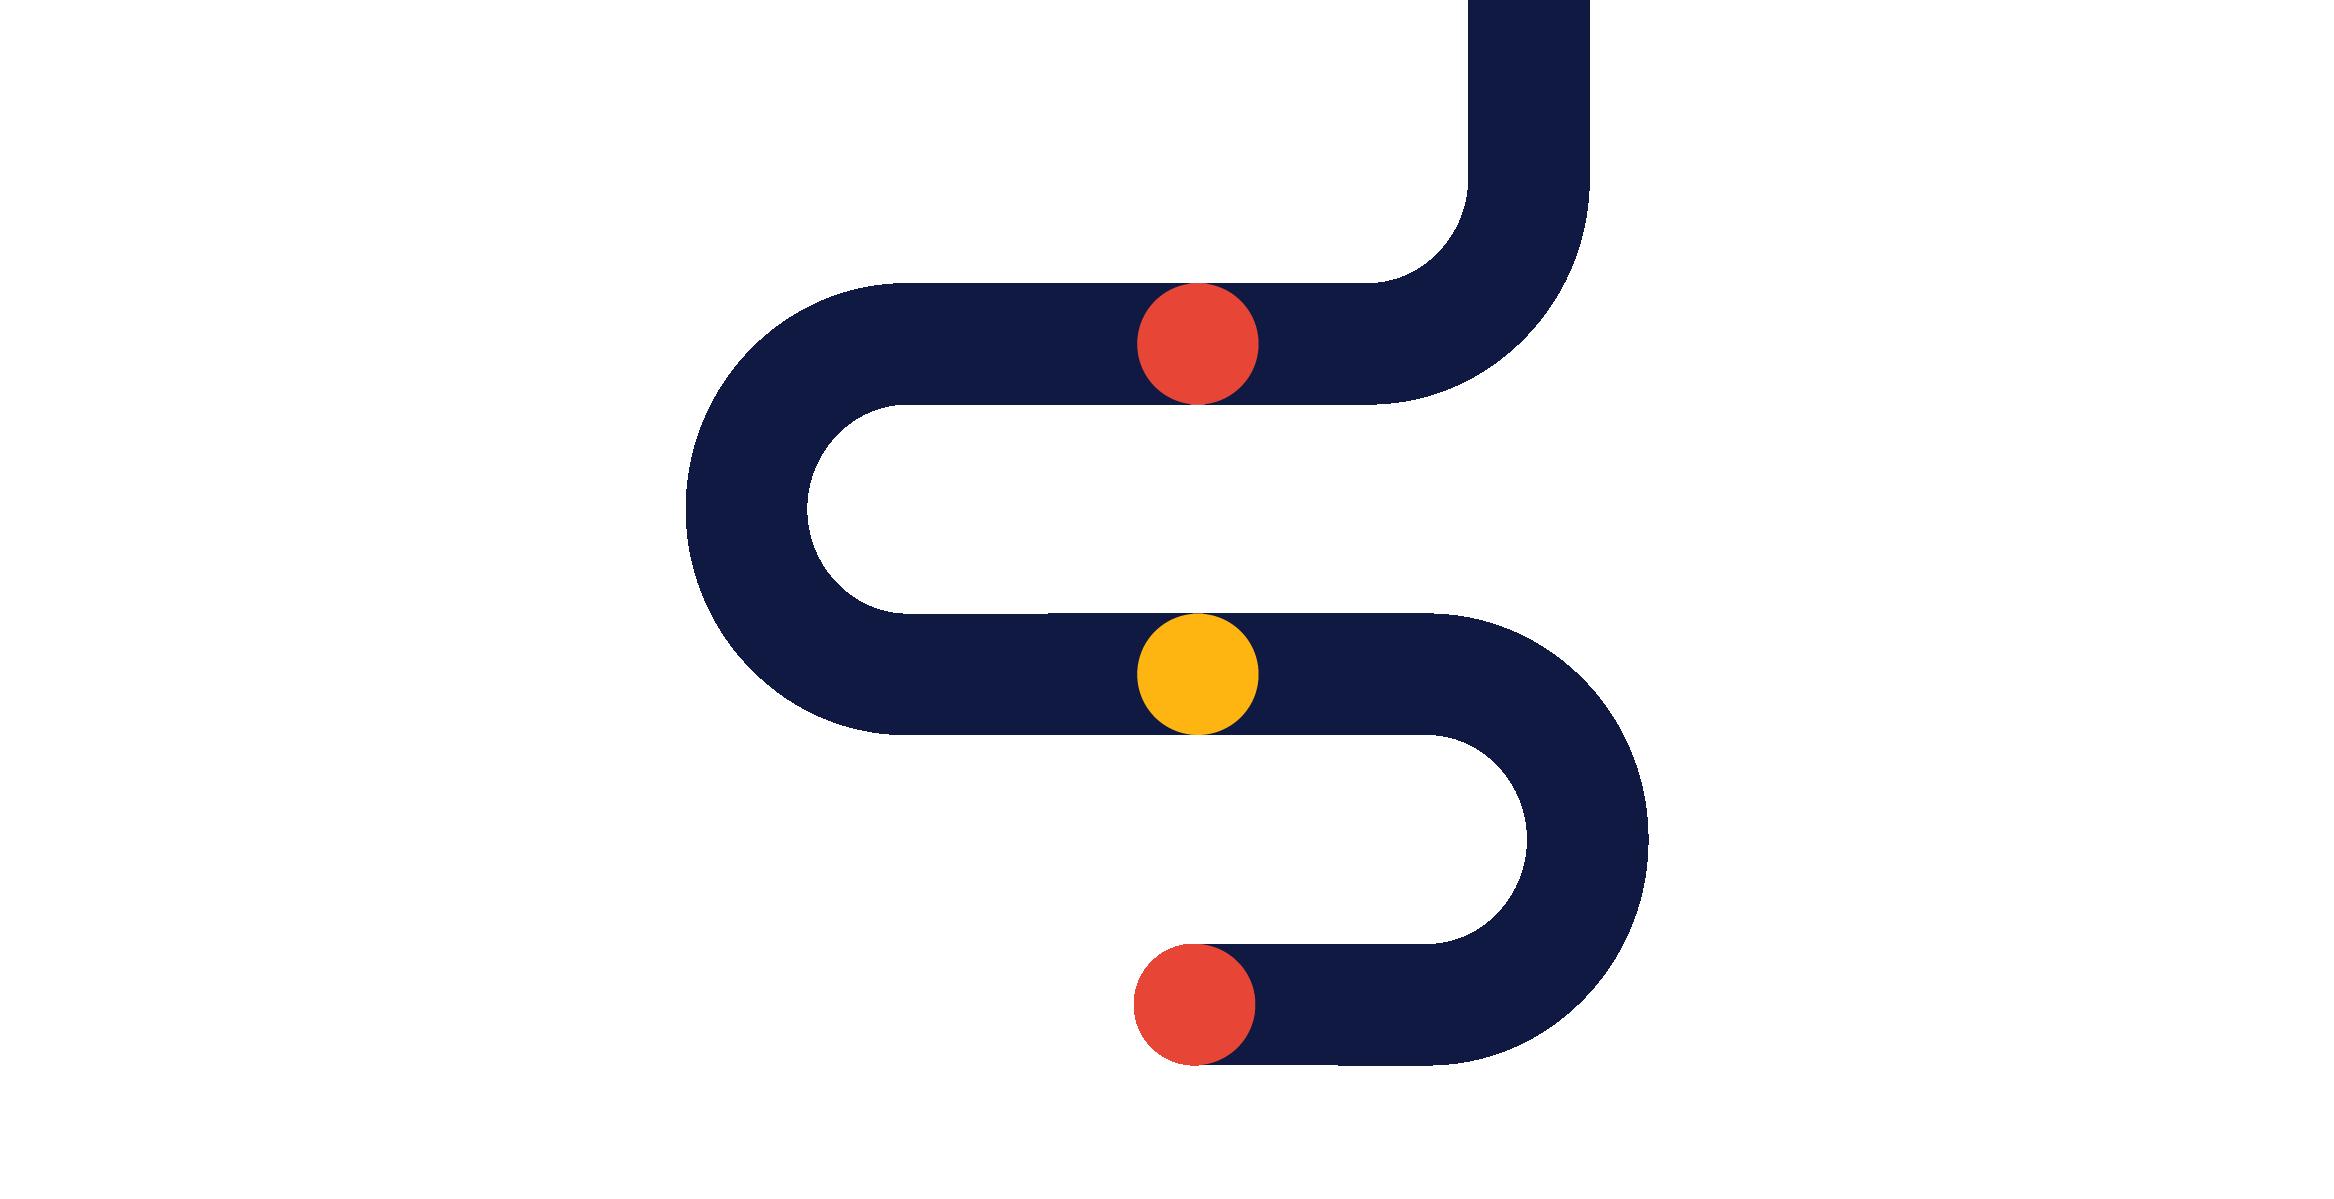 desarrollo scrum | consultoría tecnológica | fondo blanco